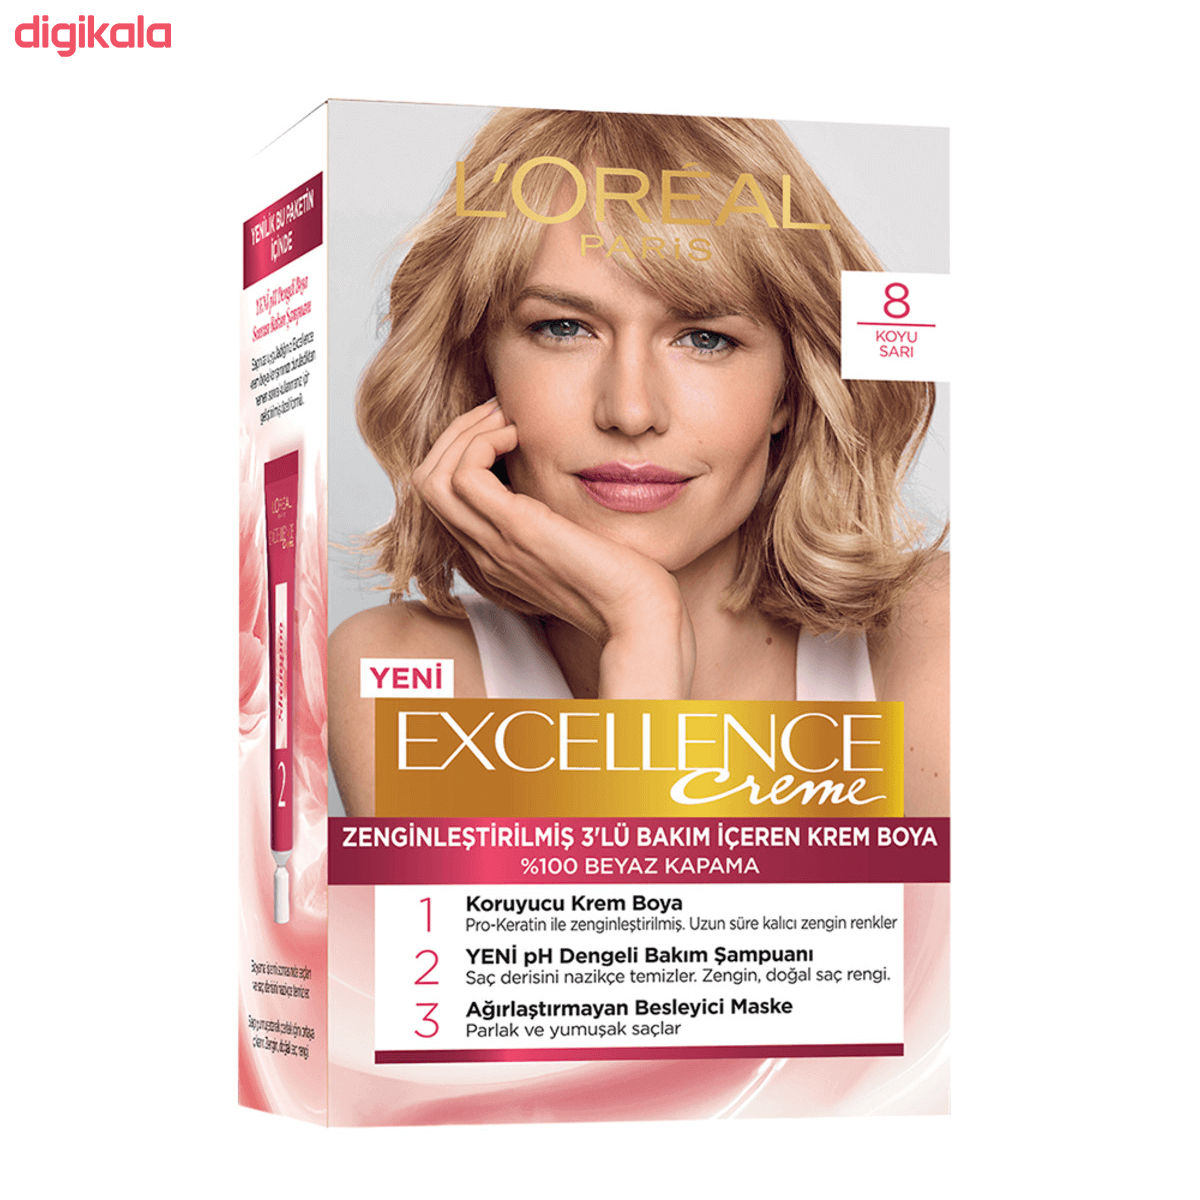 کیت رنگ مو لورآل مدل Excellence شماره 8 حجم 48 میلی لیتر رنگ بلوند متوسط main 1 1